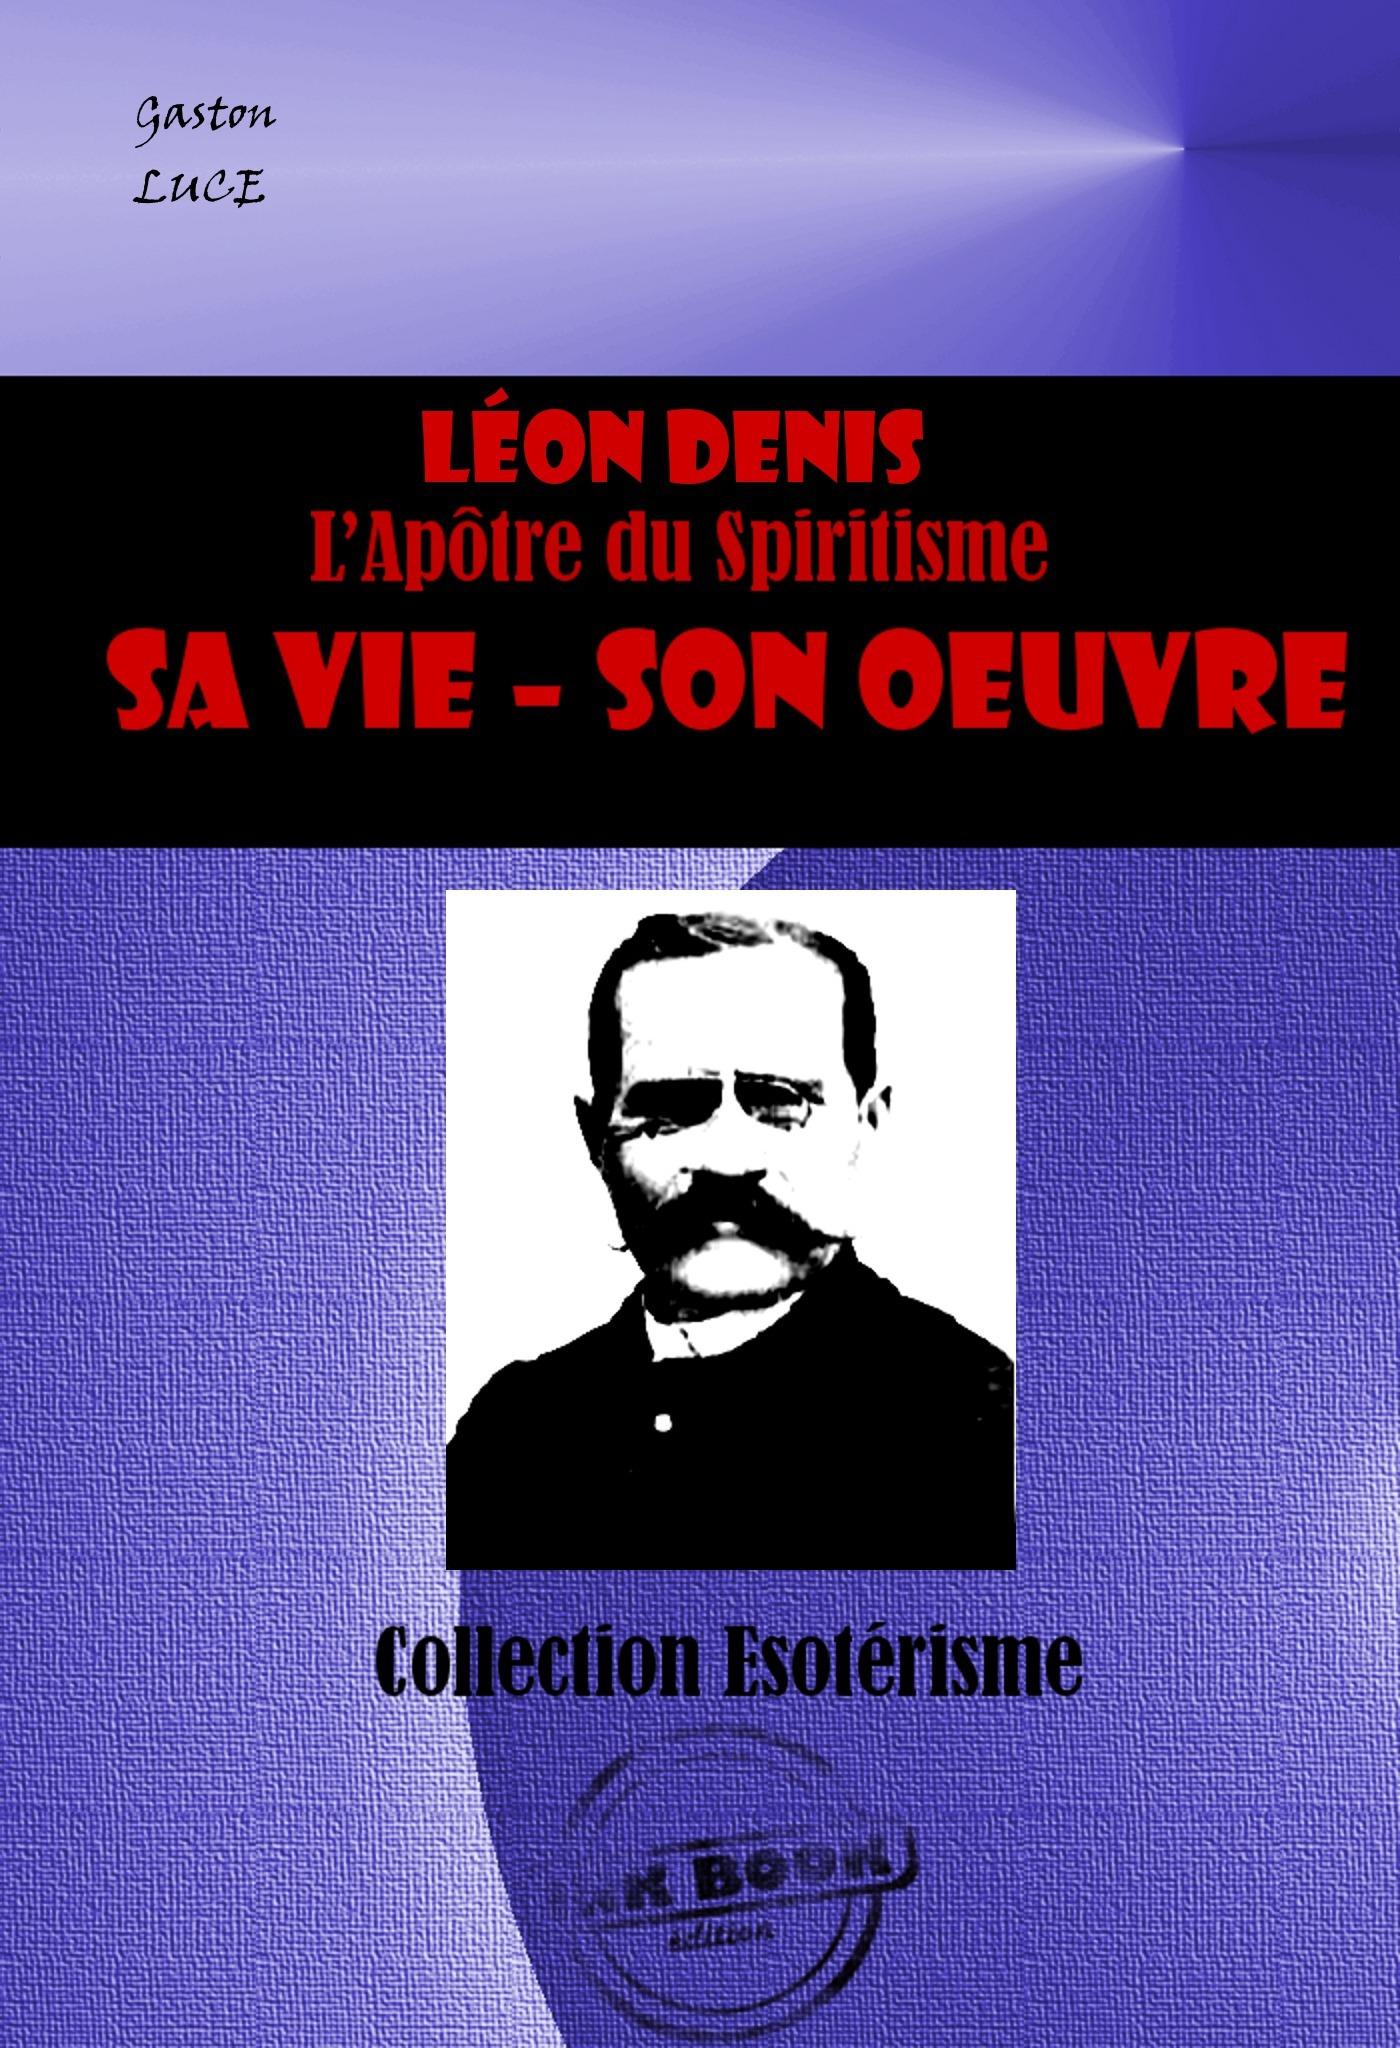 LEON DENIS L´Apôtre du Spiritisme. Sa vie, son oeuvre  - Gaston Luce